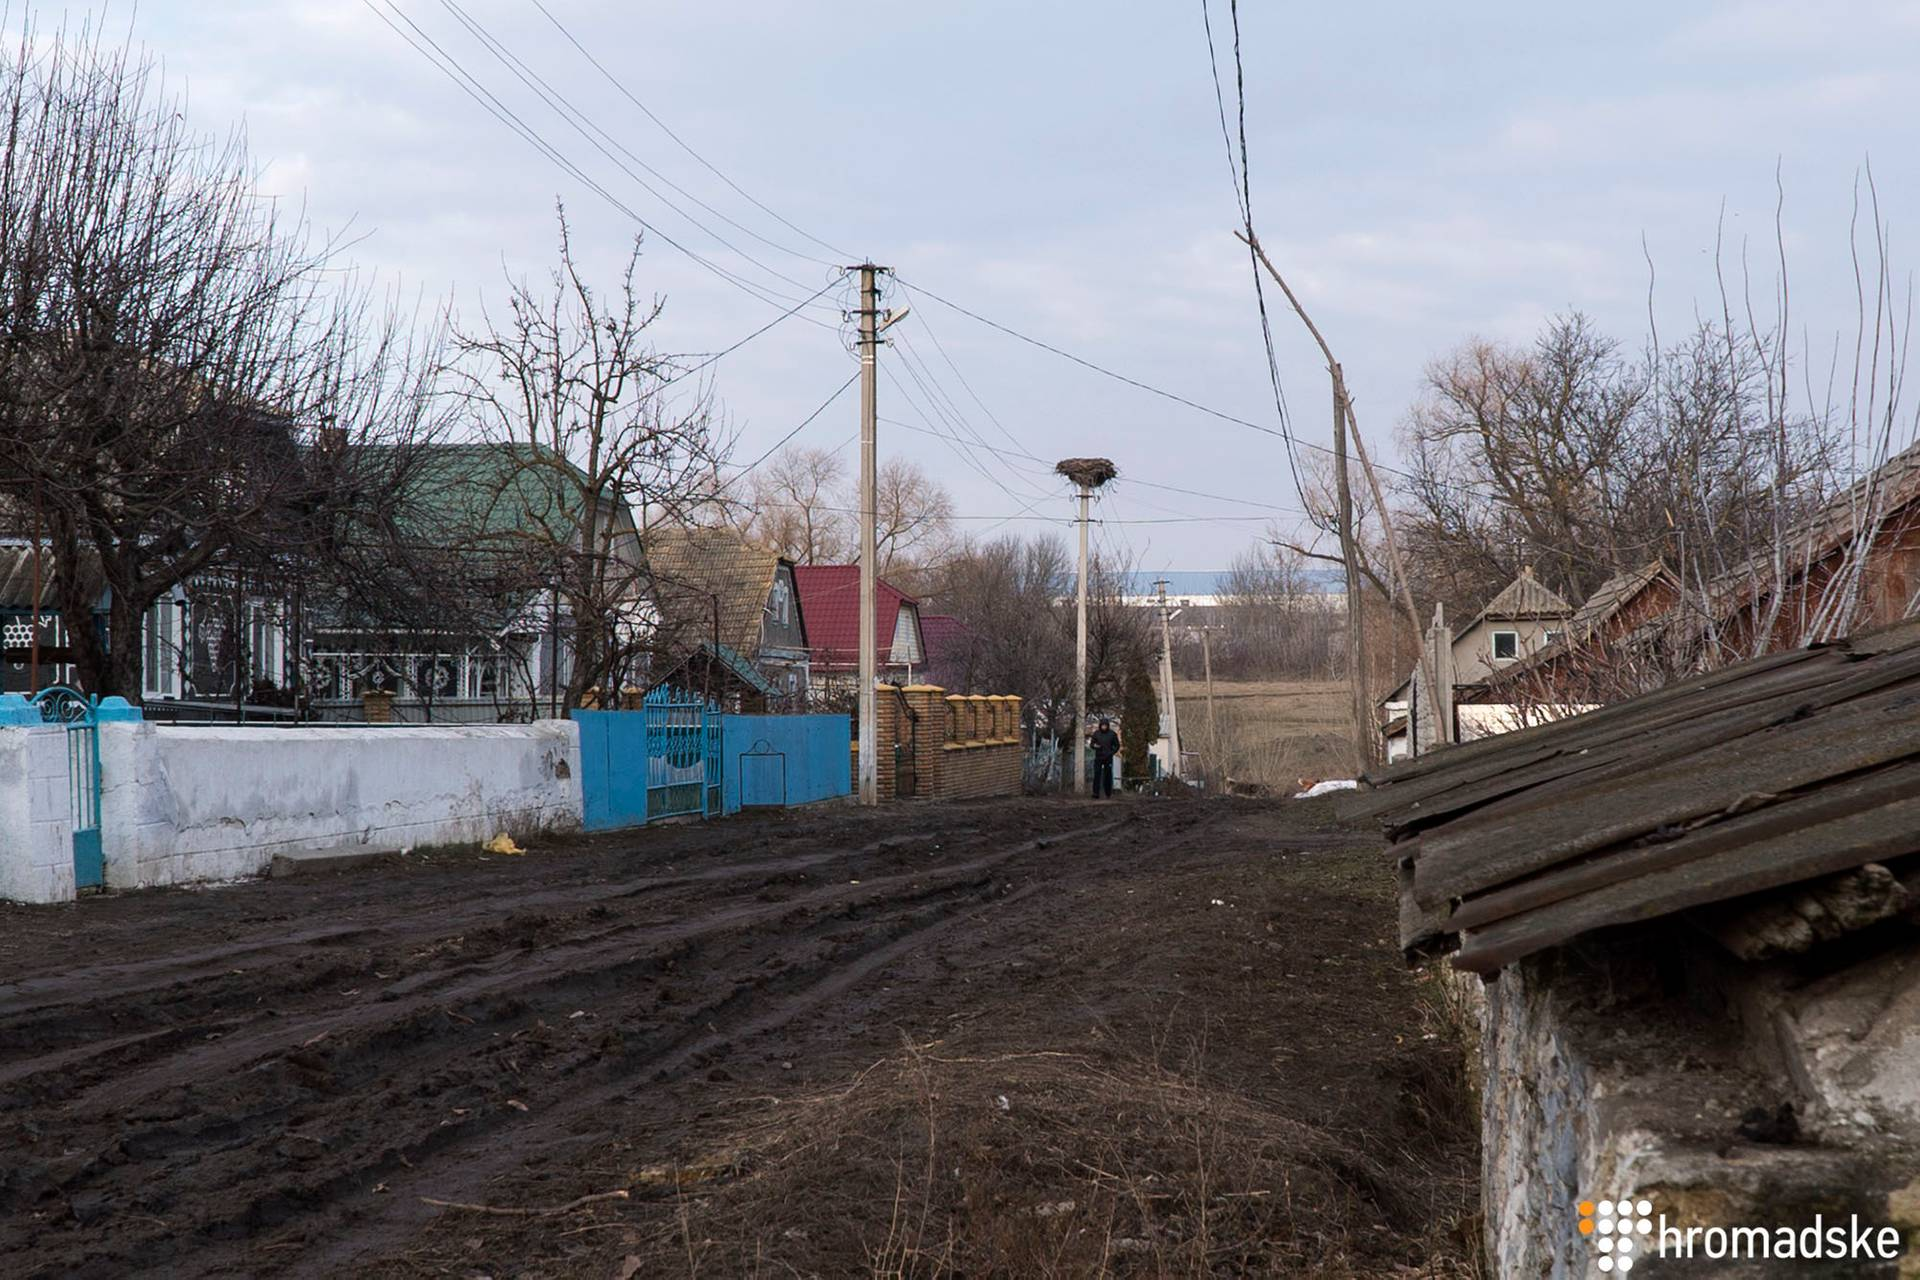 В селі немає централізованого підведення газу, Котюжани, Вінницька область, 21 лютого 2019 року